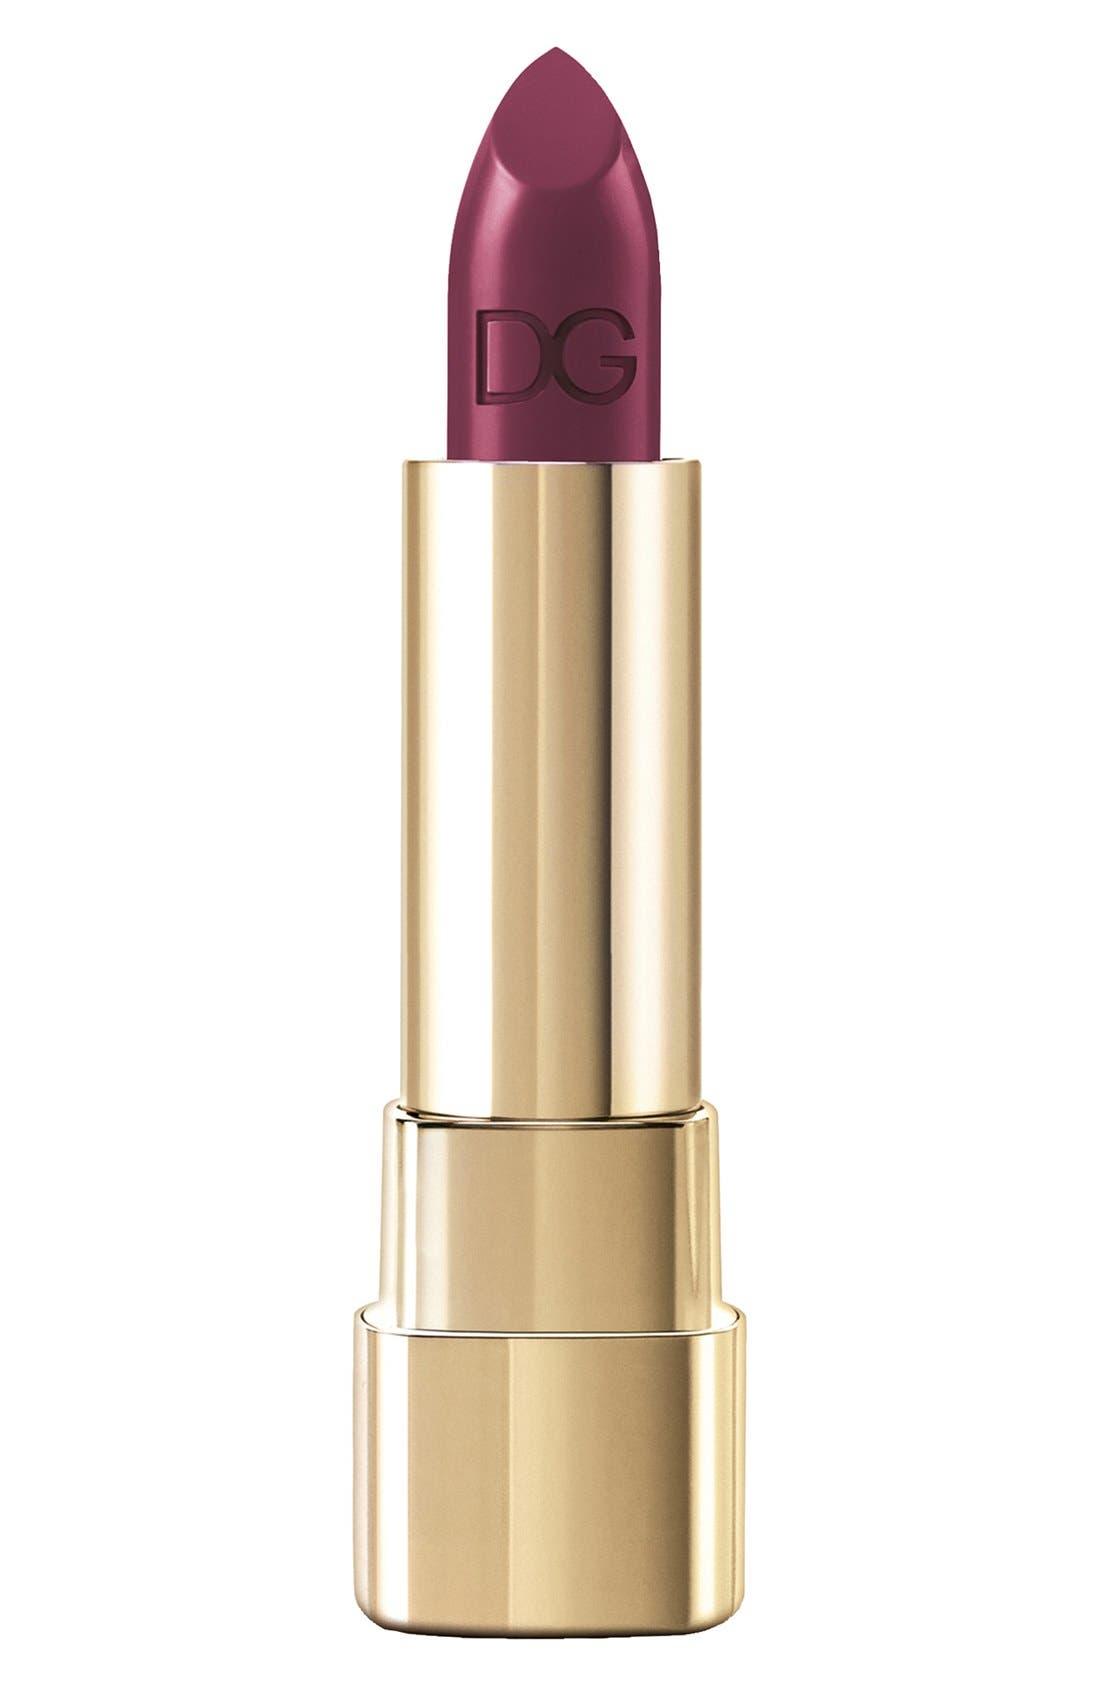 Dolce&Gabbana Beauty Shine Lipstick